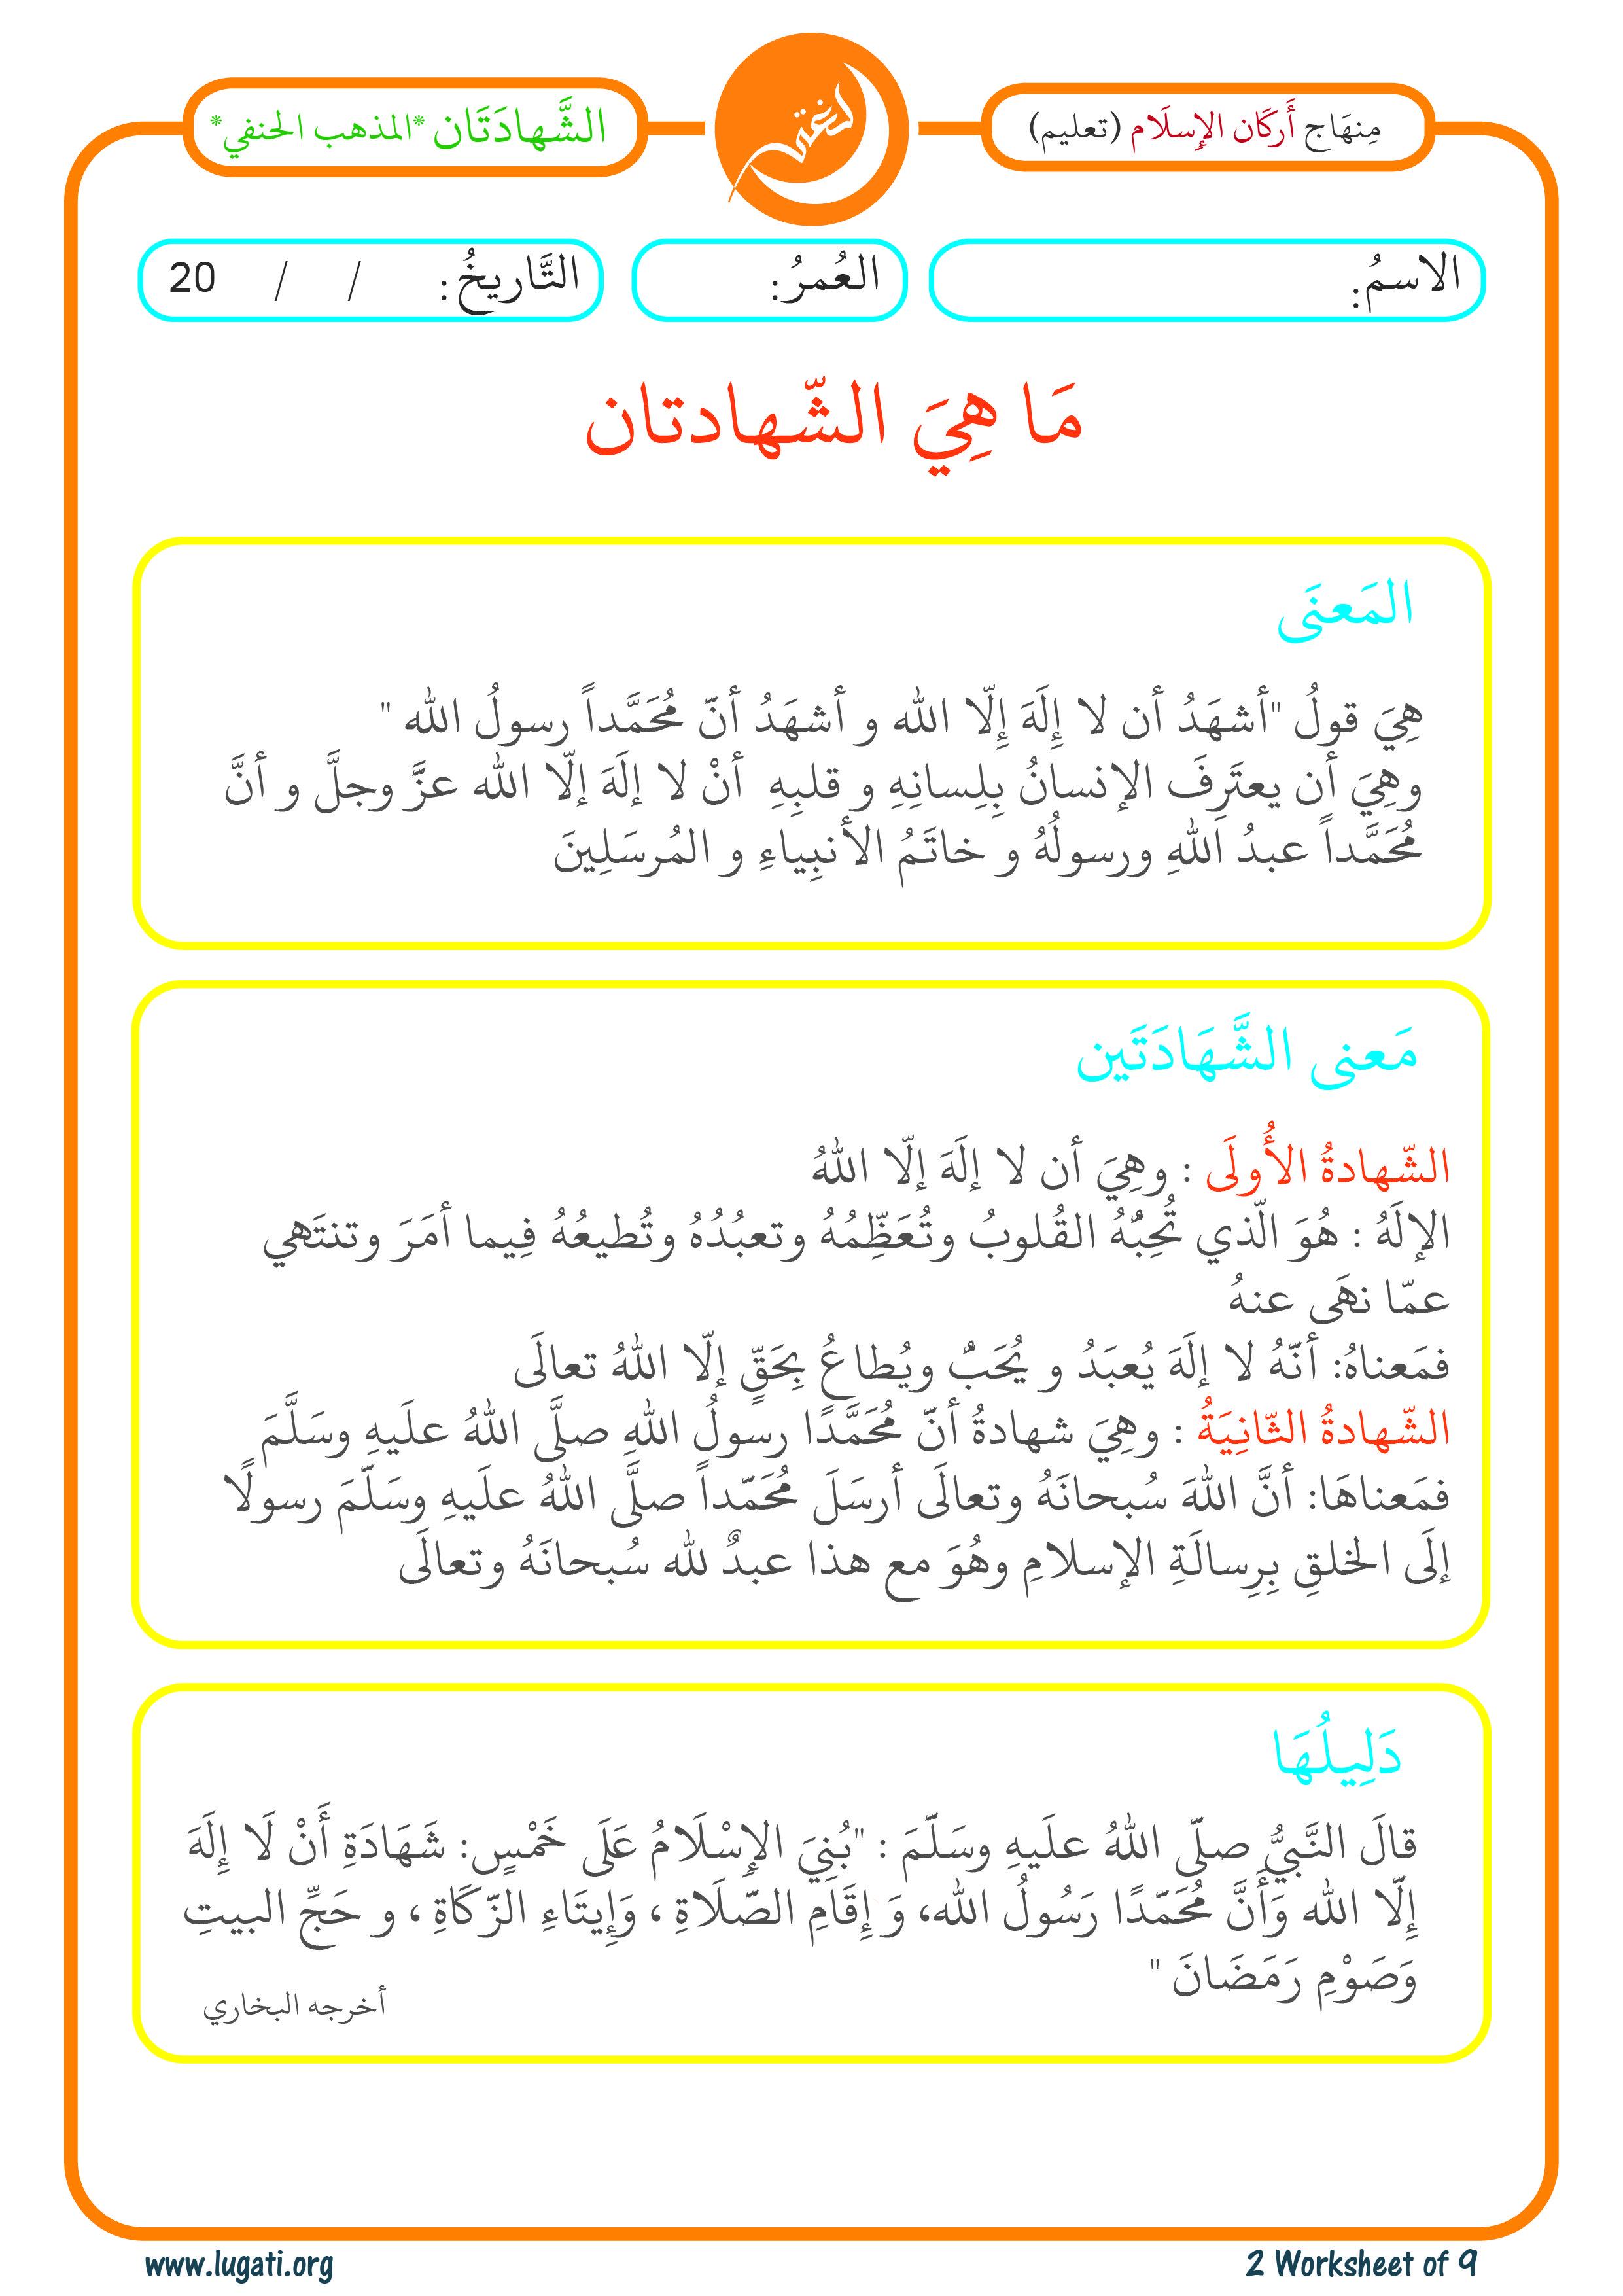 The Shahada 1